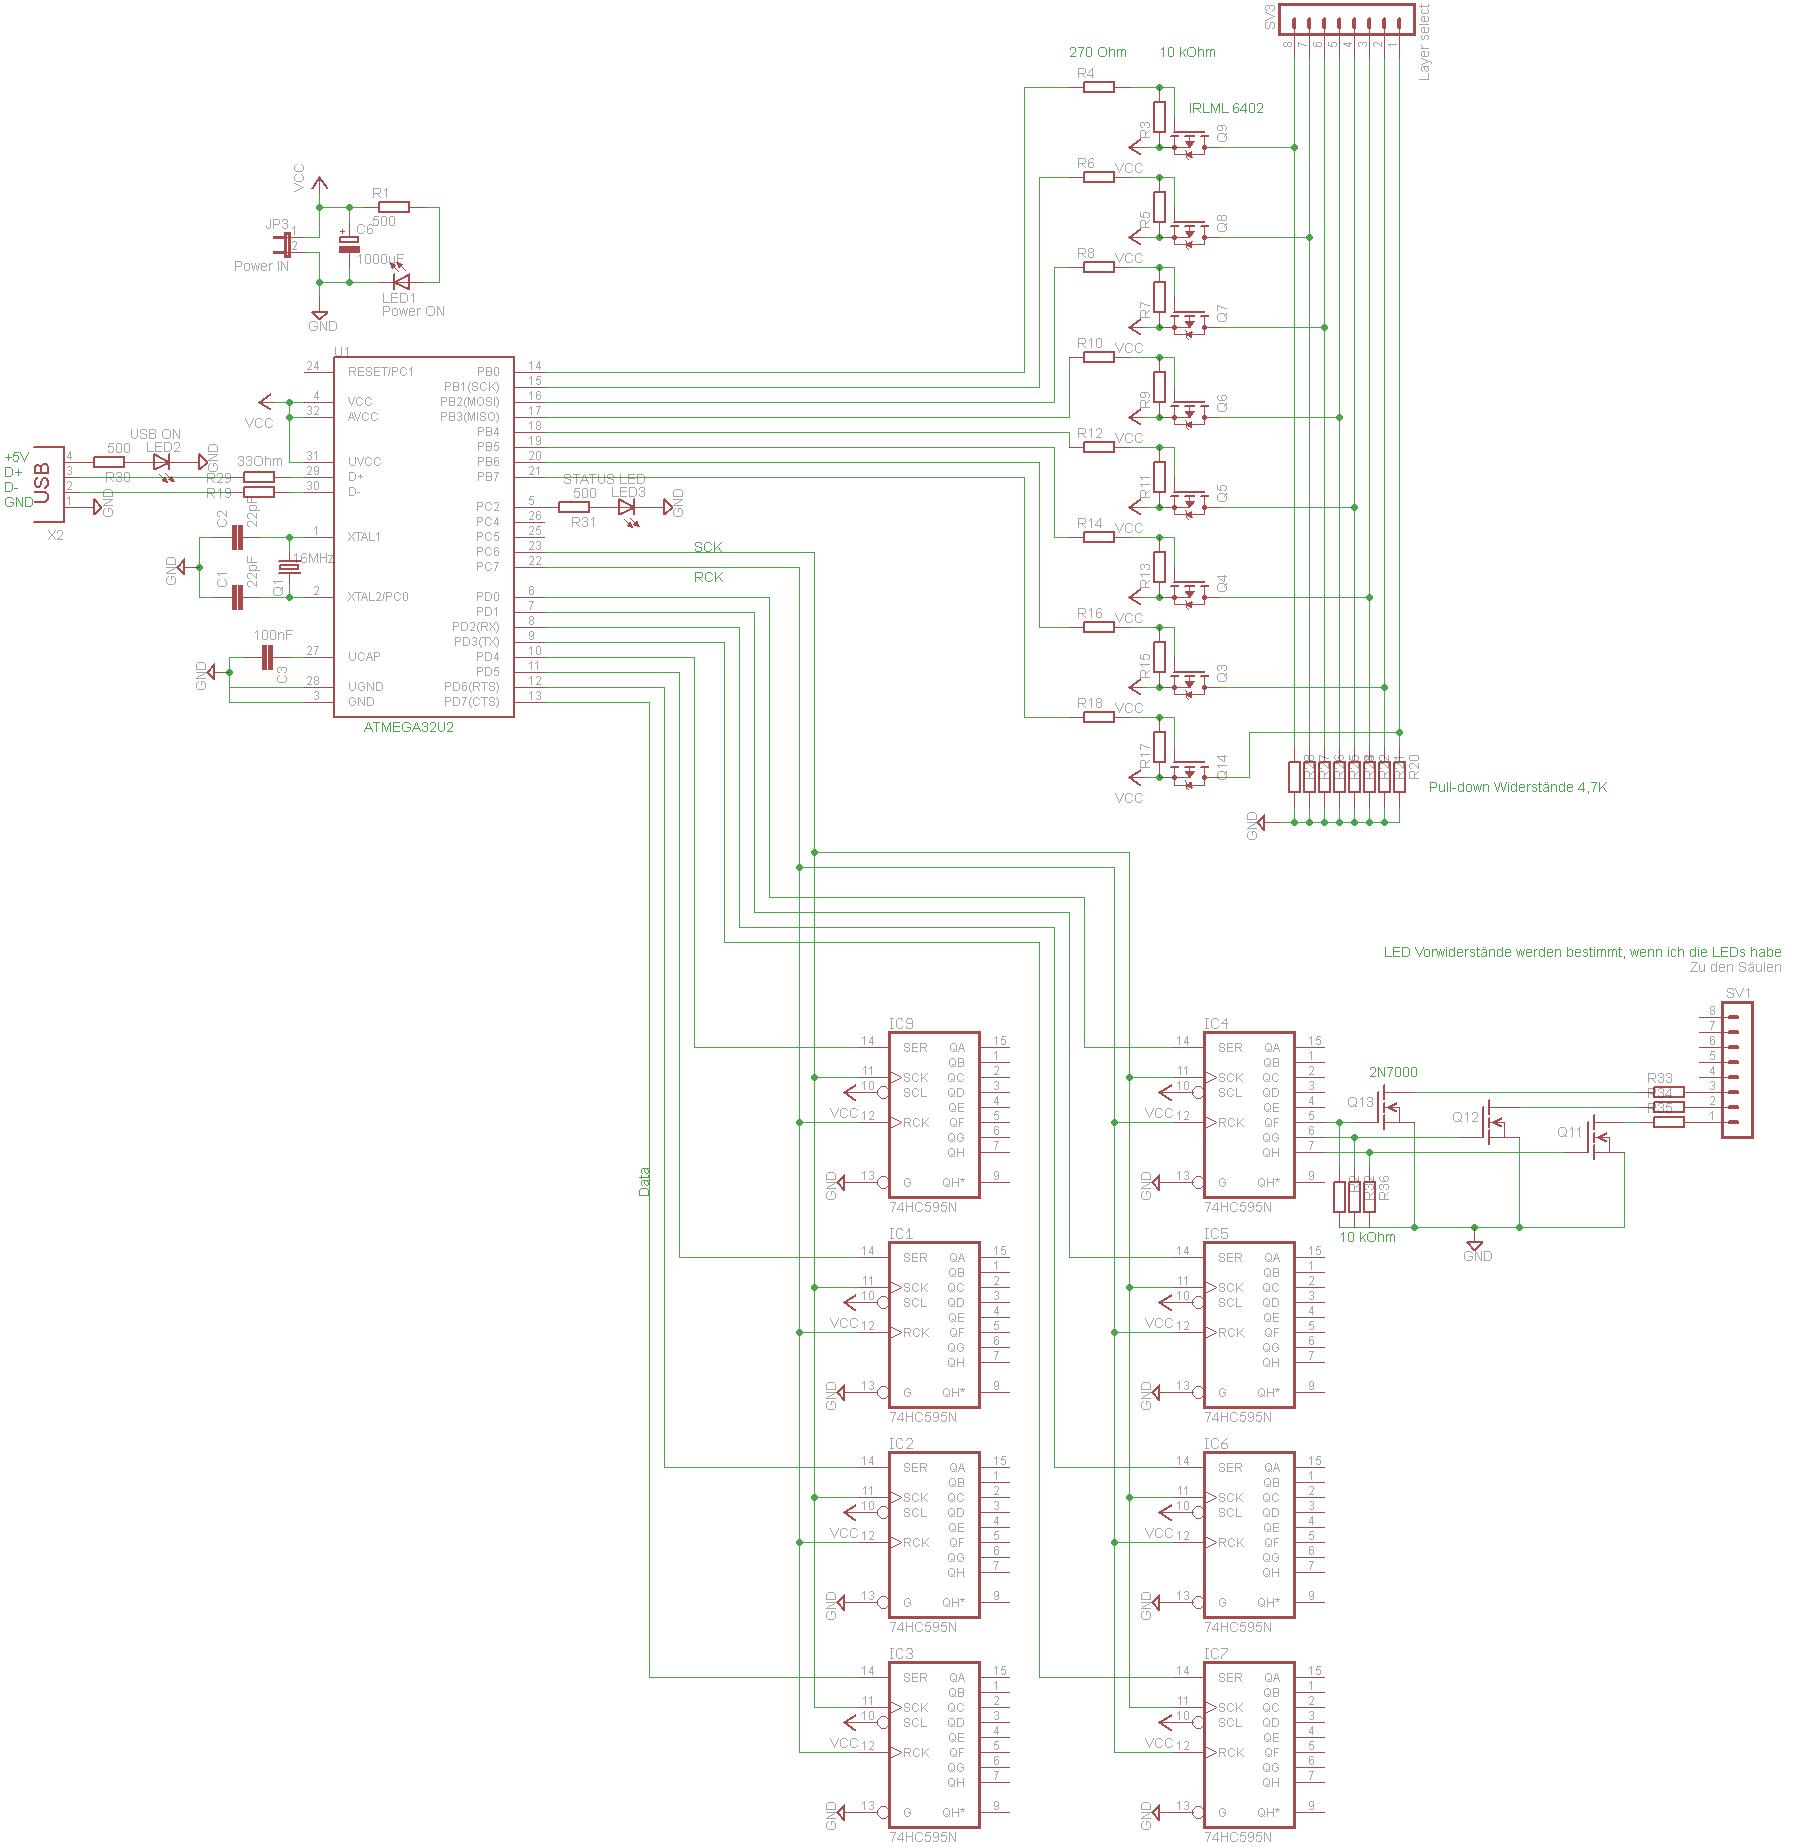 Tolle Gm Fensterheber Schaltplan Bilder - Elektrische Schaltplan ...